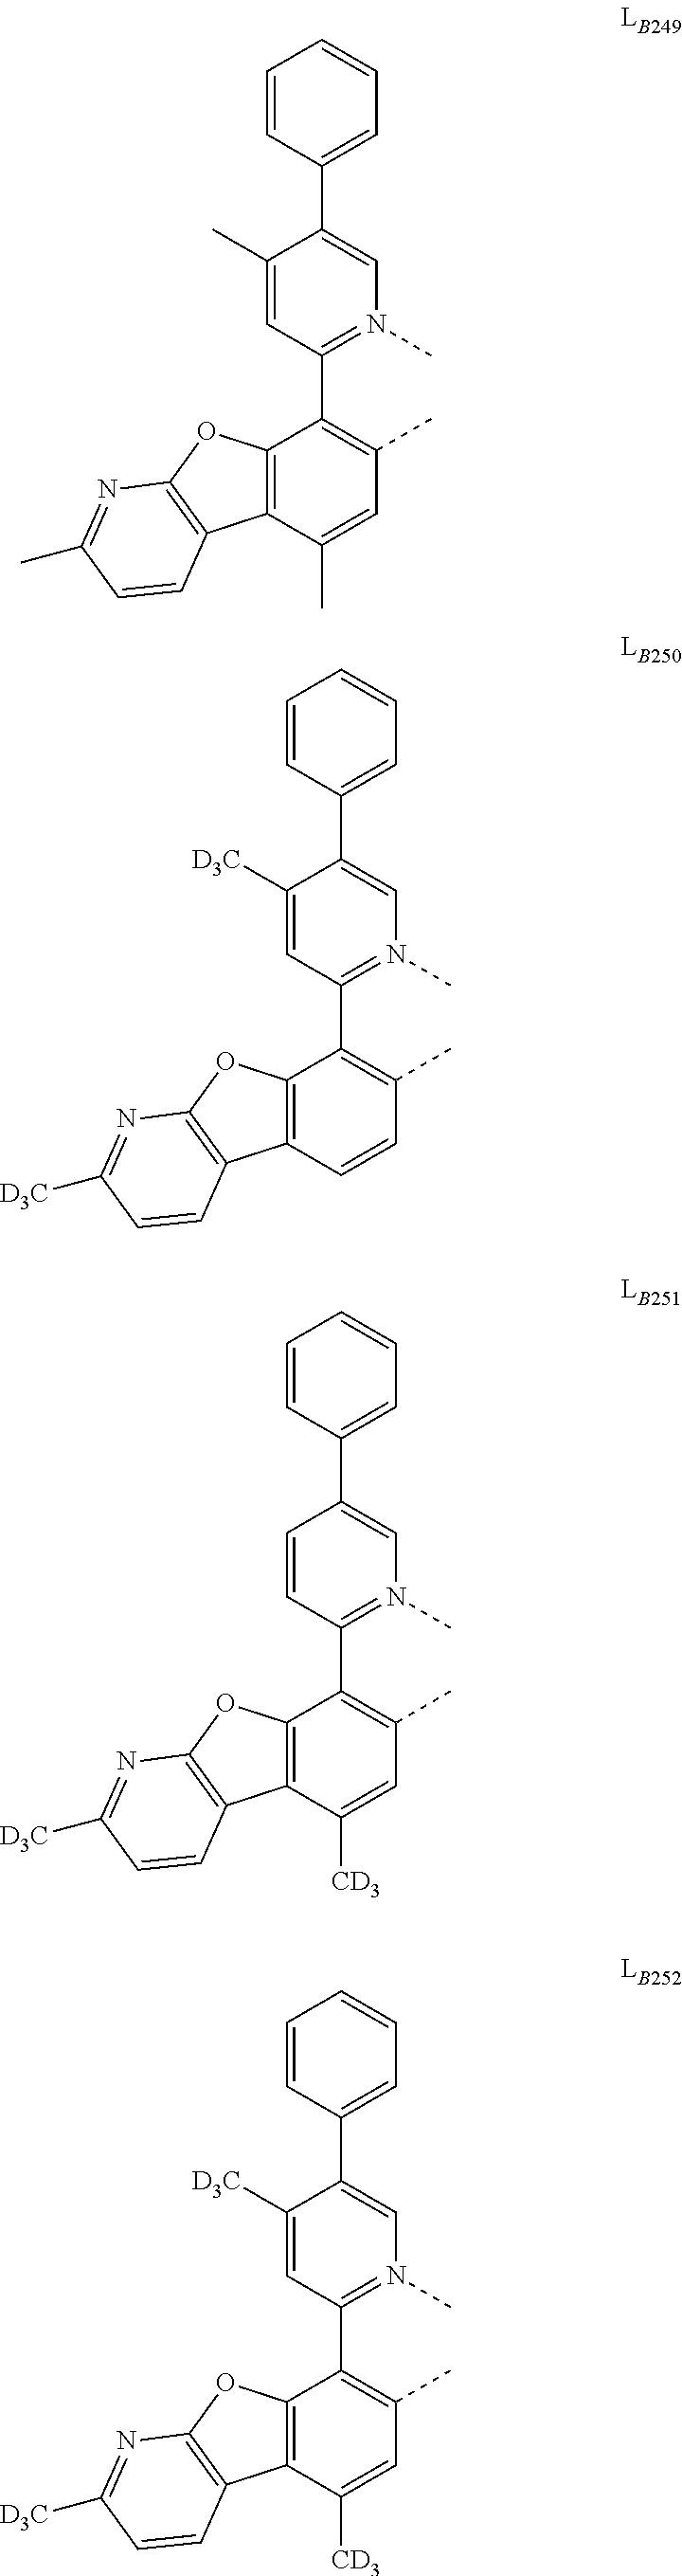 Figure US20180130962A1-20180510-C00311